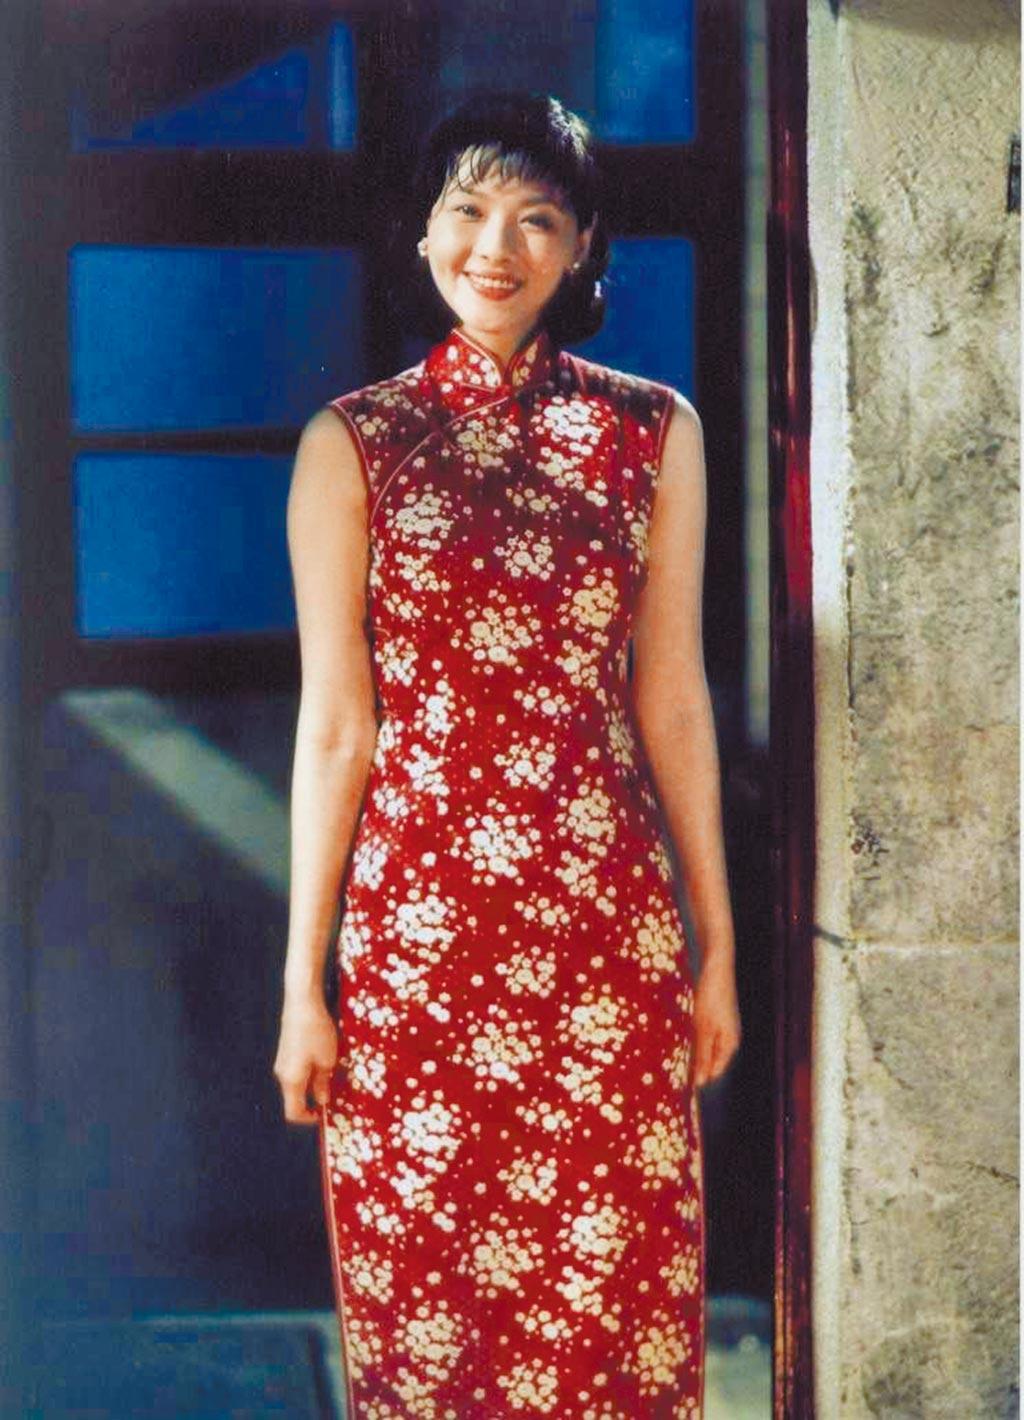 當年演出《孤戀花》娟娟一角,精湛演技牽動人心。(資料照片)